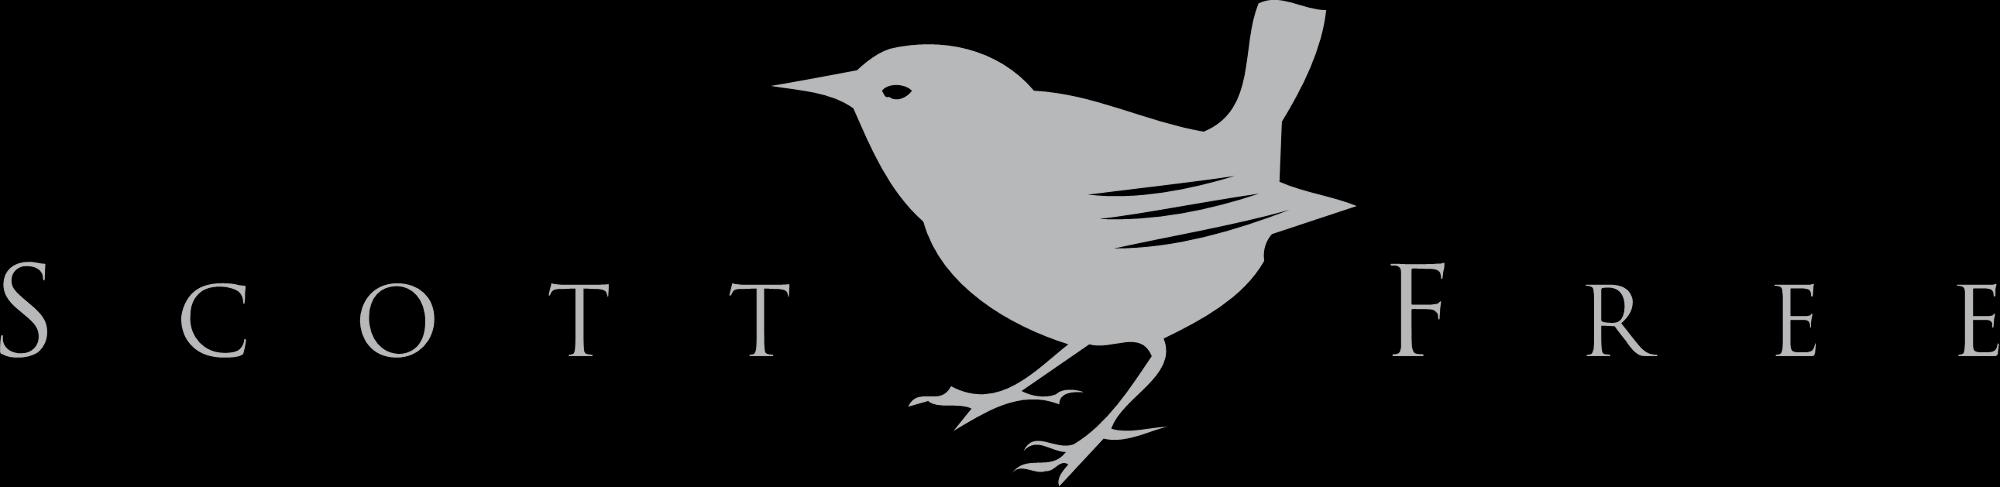 Scott_Free_Logo